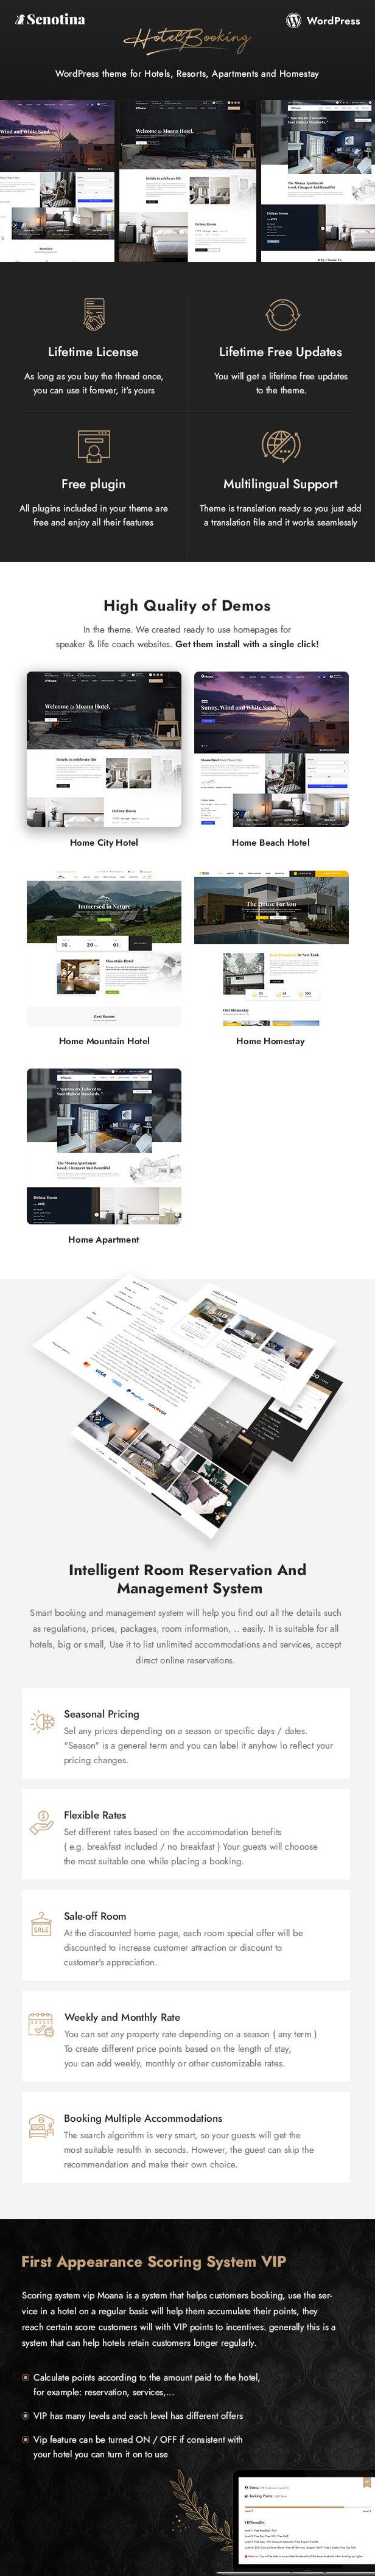 Senotina - Resort and Hotel WordPress Theme - 5